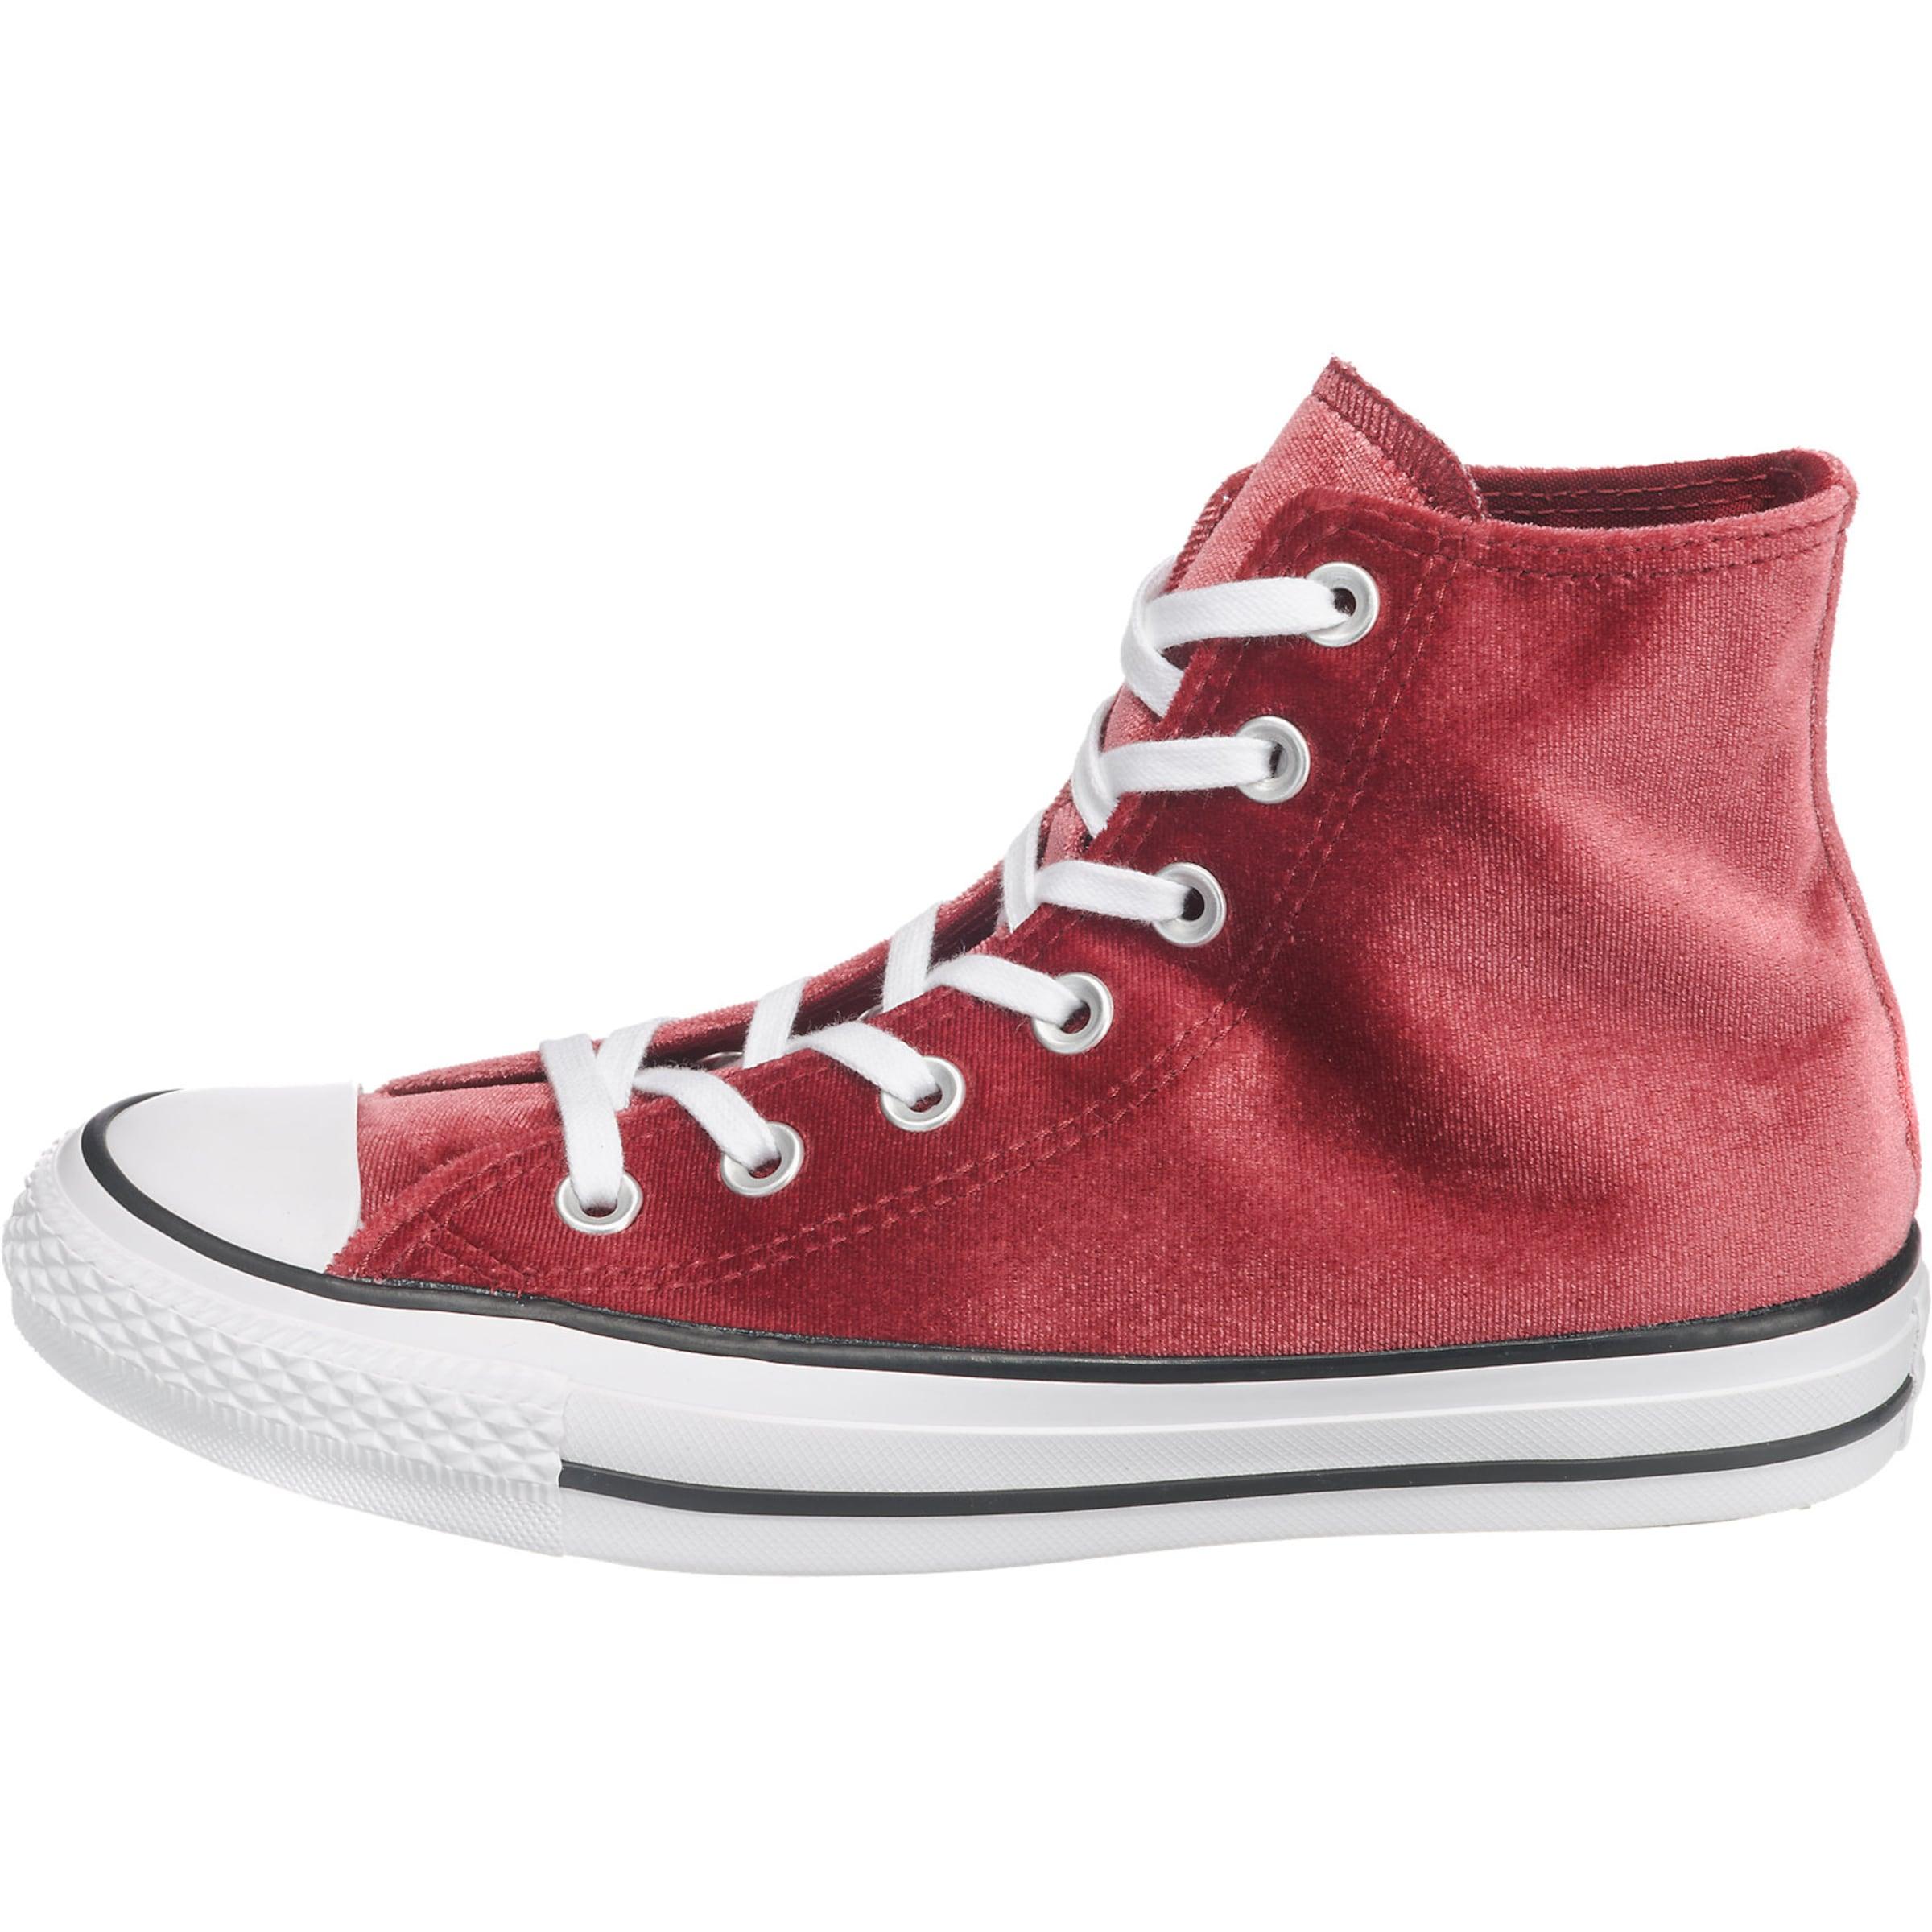 CONVERSE 'Chuck Taylor All Star High' Sneakers Freies Verschiffen 100% Original Holen Sie Sich Die Neueste Mode vf5RIC4